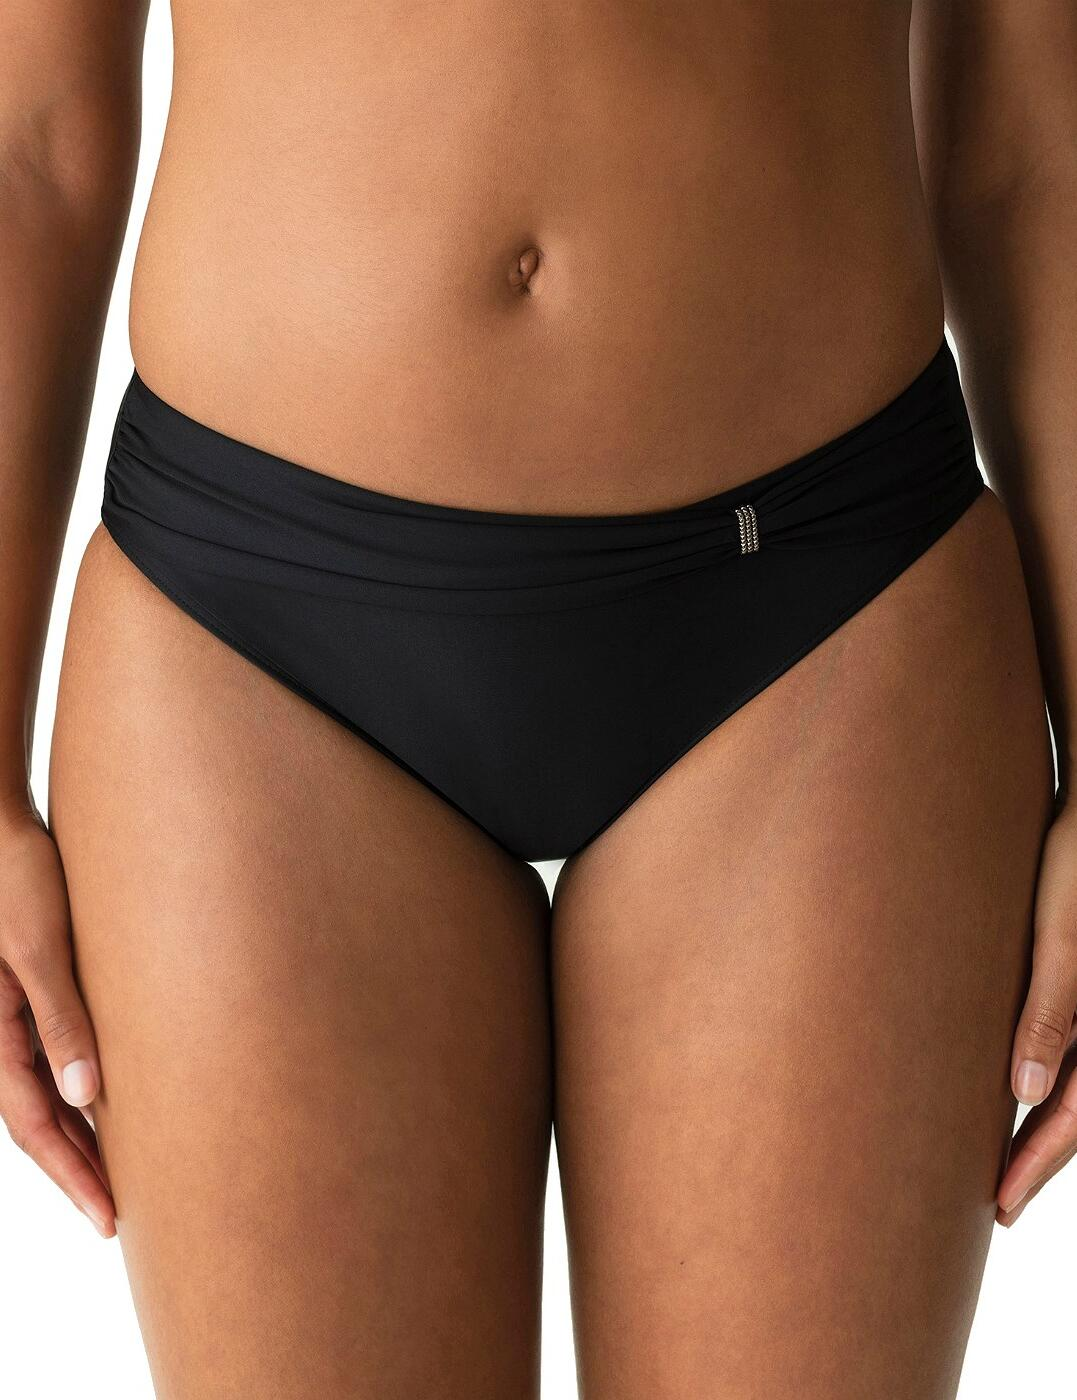 4000150 Prima Donna Cocktail Rio Bikini Brief - 4000150 Black